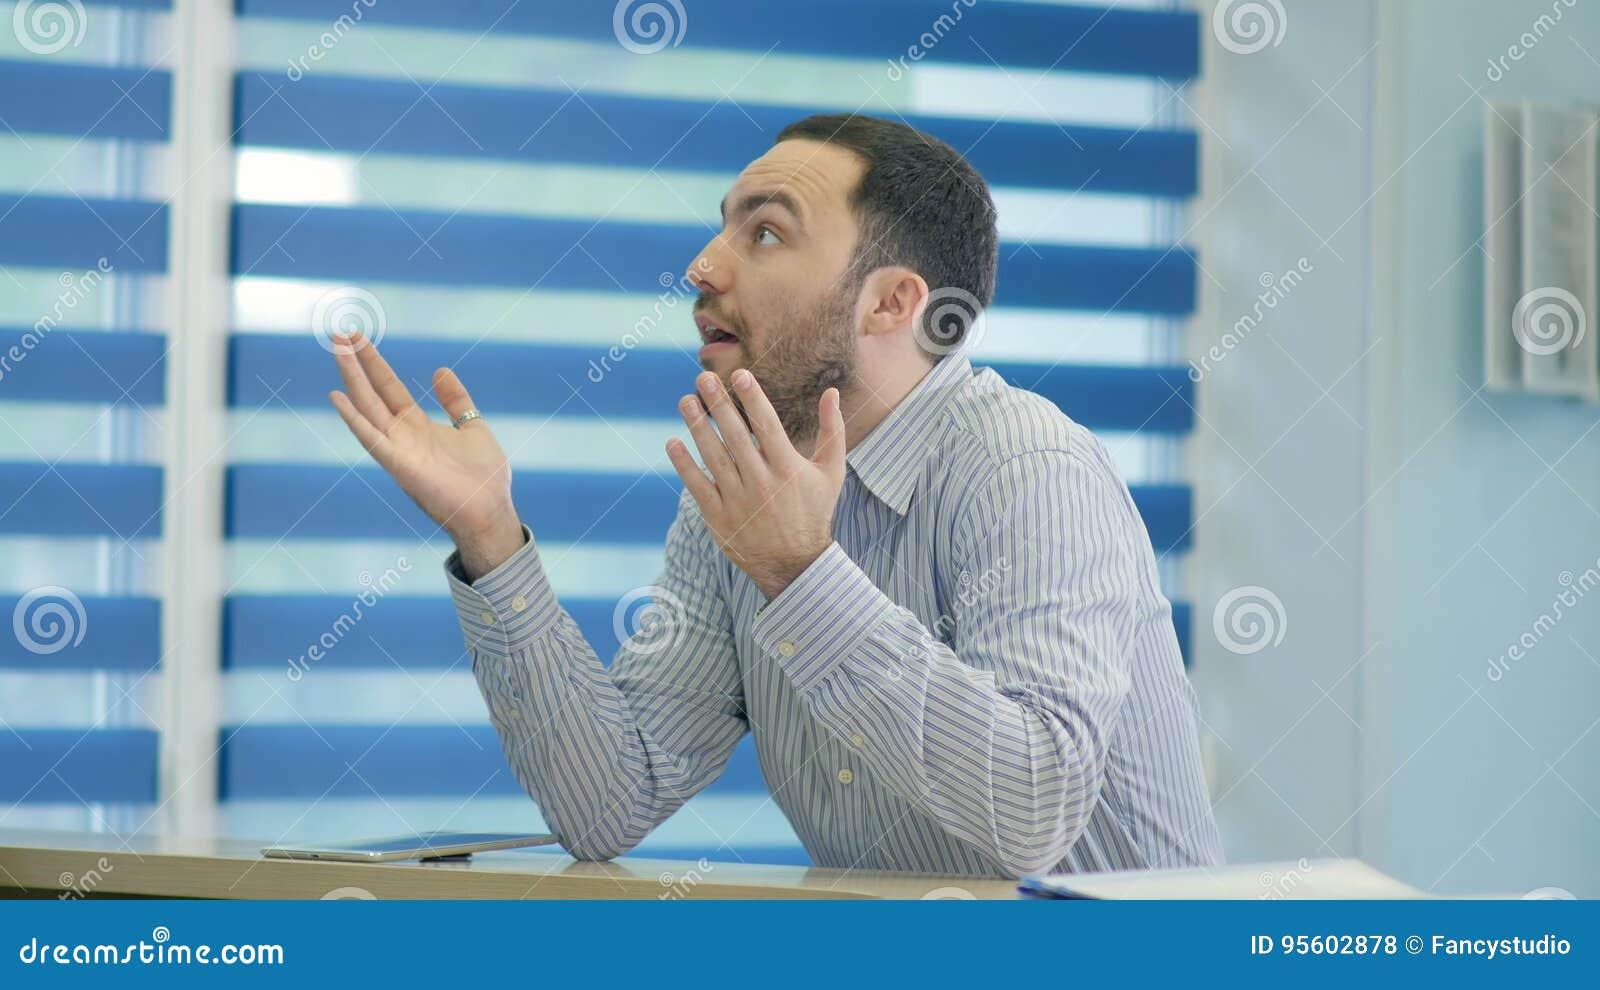 Impatient male patient waiting at the reception desk